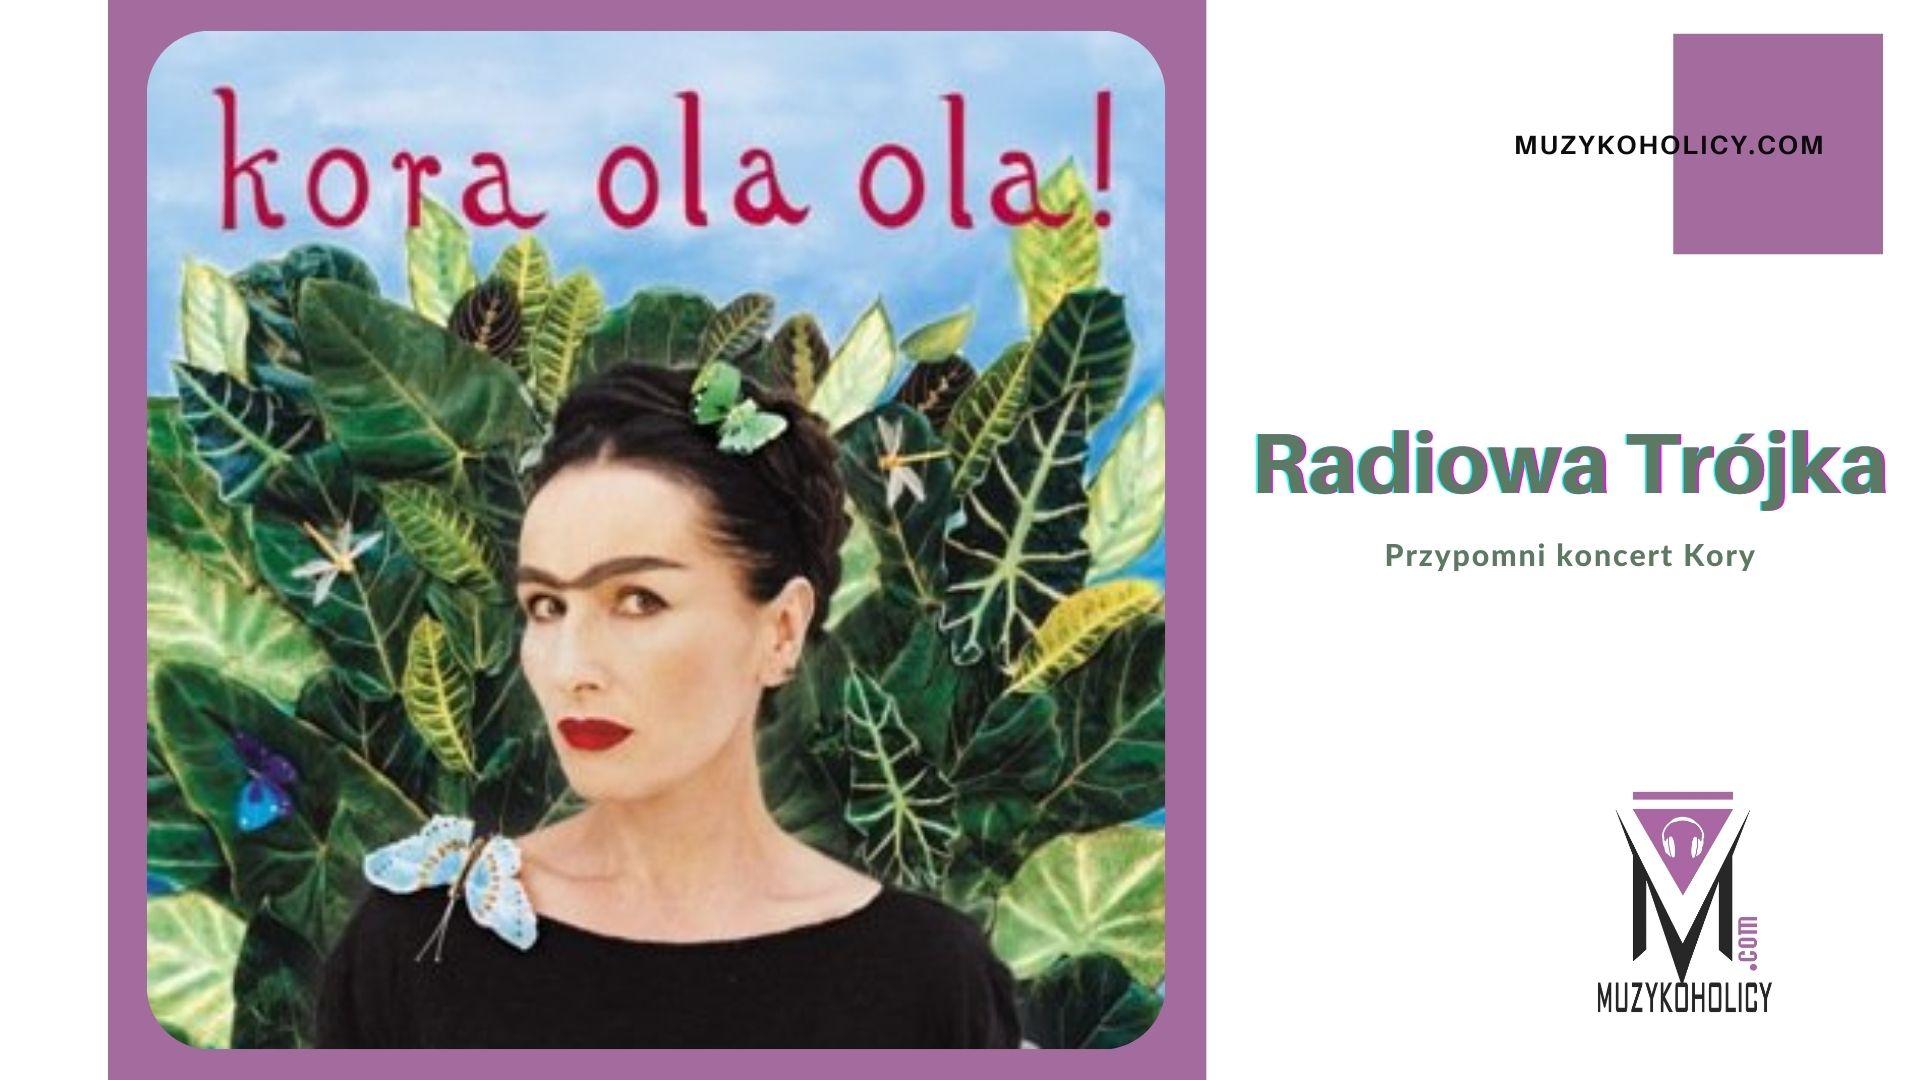 Radiowa Trójka przypomni koncert Kory z 2003 roku